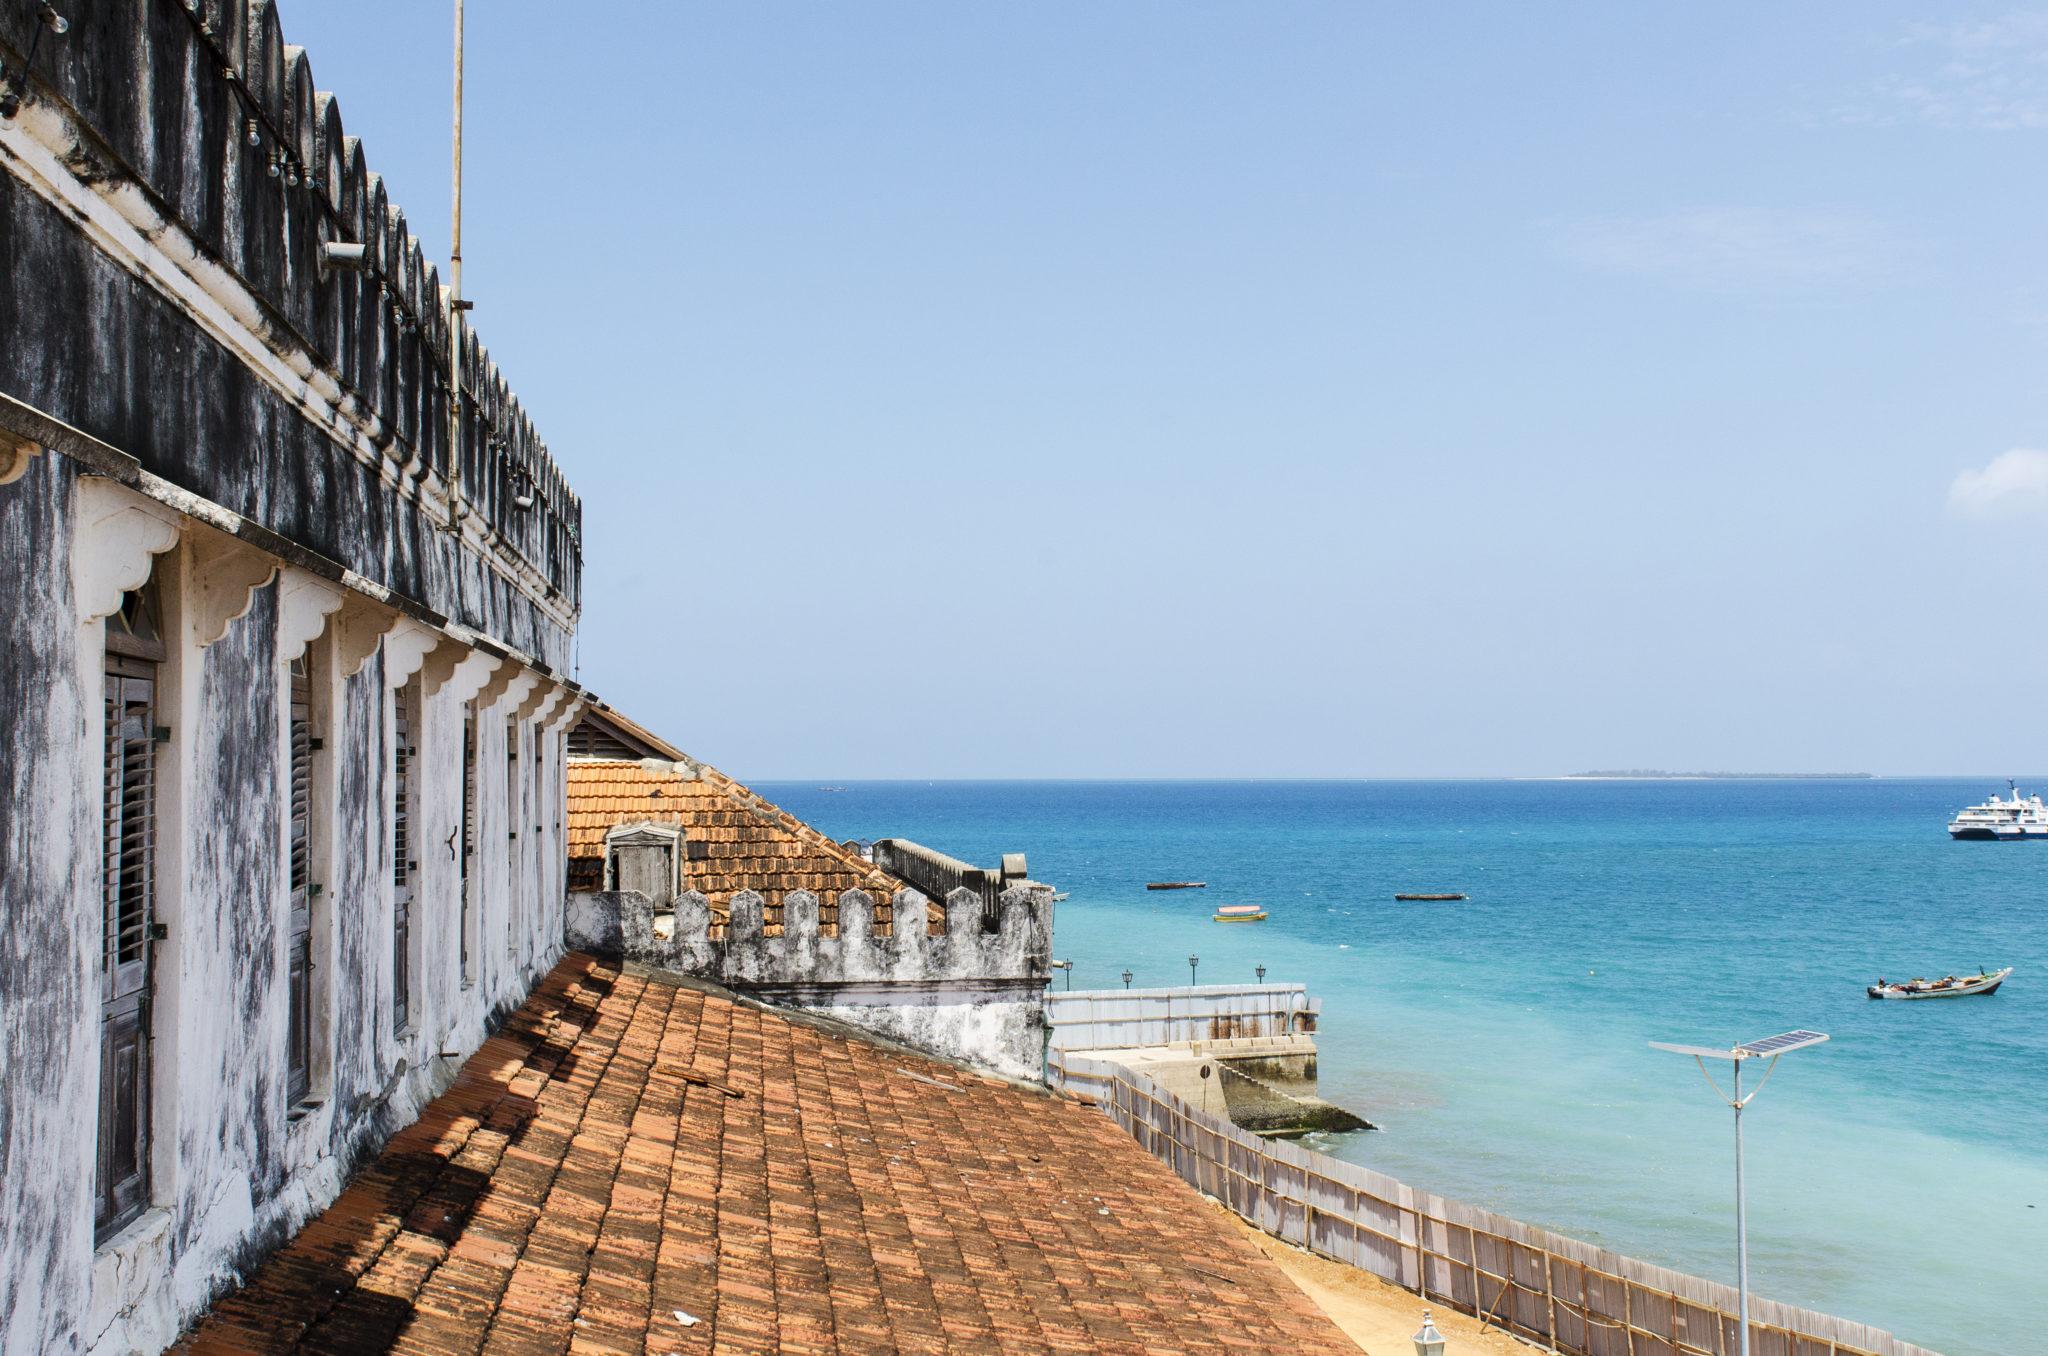 Sansibar ist eine ganz besondere Insel in Ostafrika